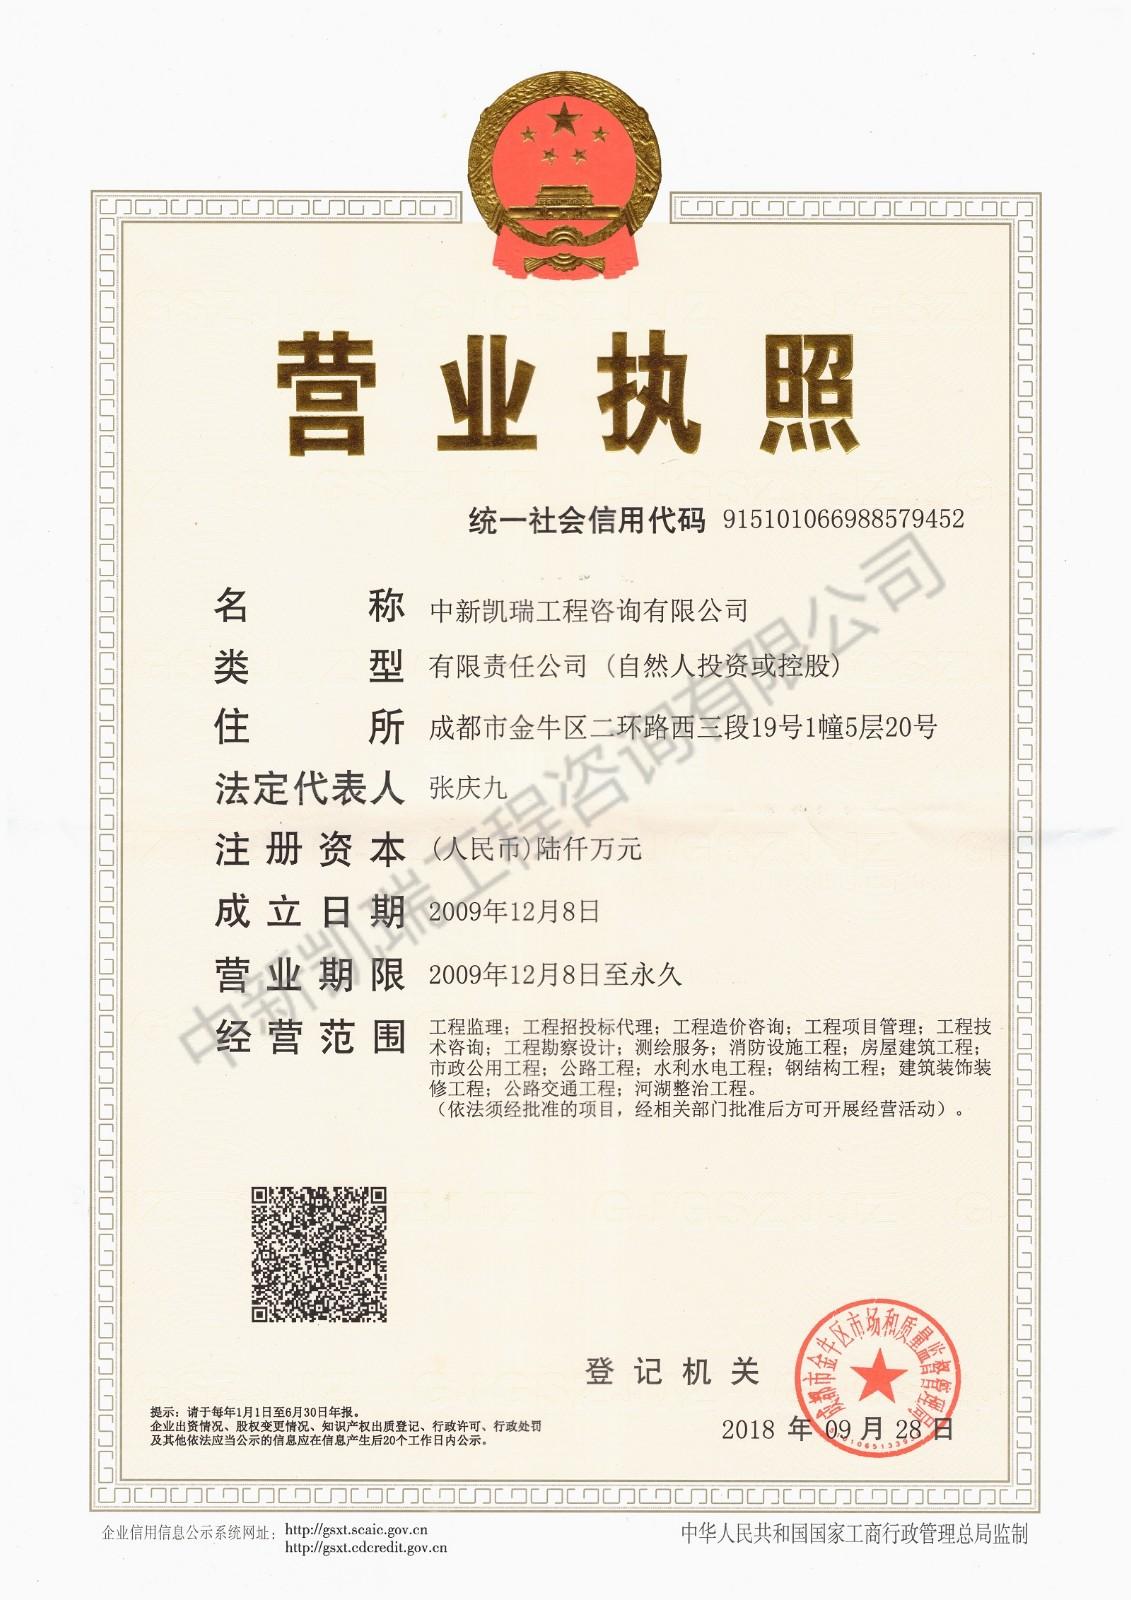 四川省人事招聘网_营业执照 - 资质荣誉 - 中新凯瑞工程咨询有限公司